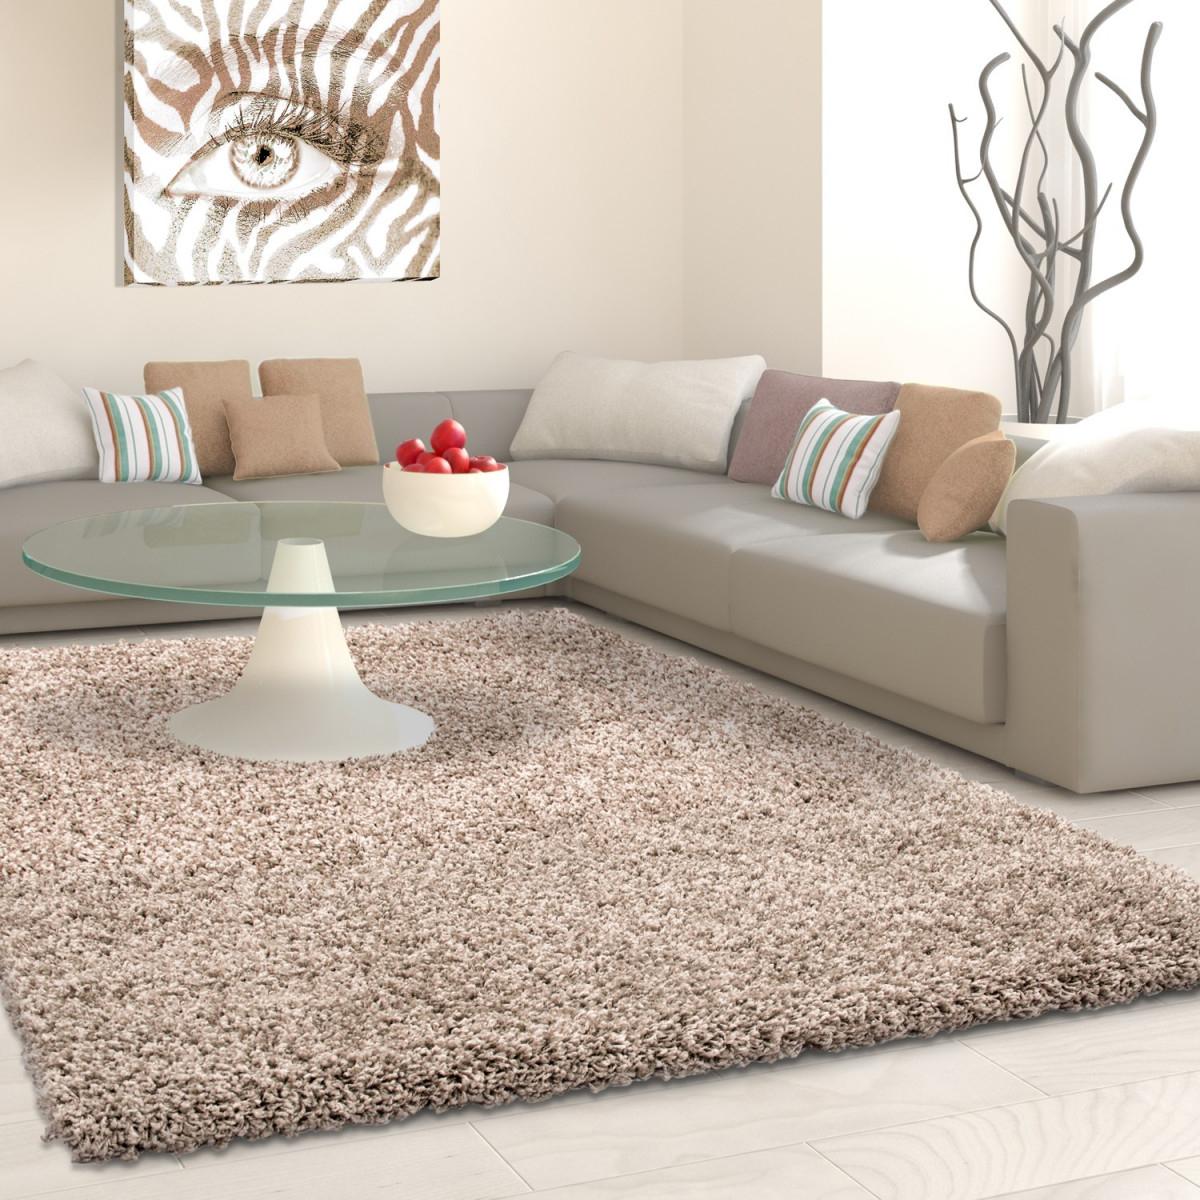 Hochflor Langflor Wohnzimmer Shaggy Teppich Florhöhe 3Cm Unifarbe Beige von Wohnzimmer Teppich 300X400 Photo